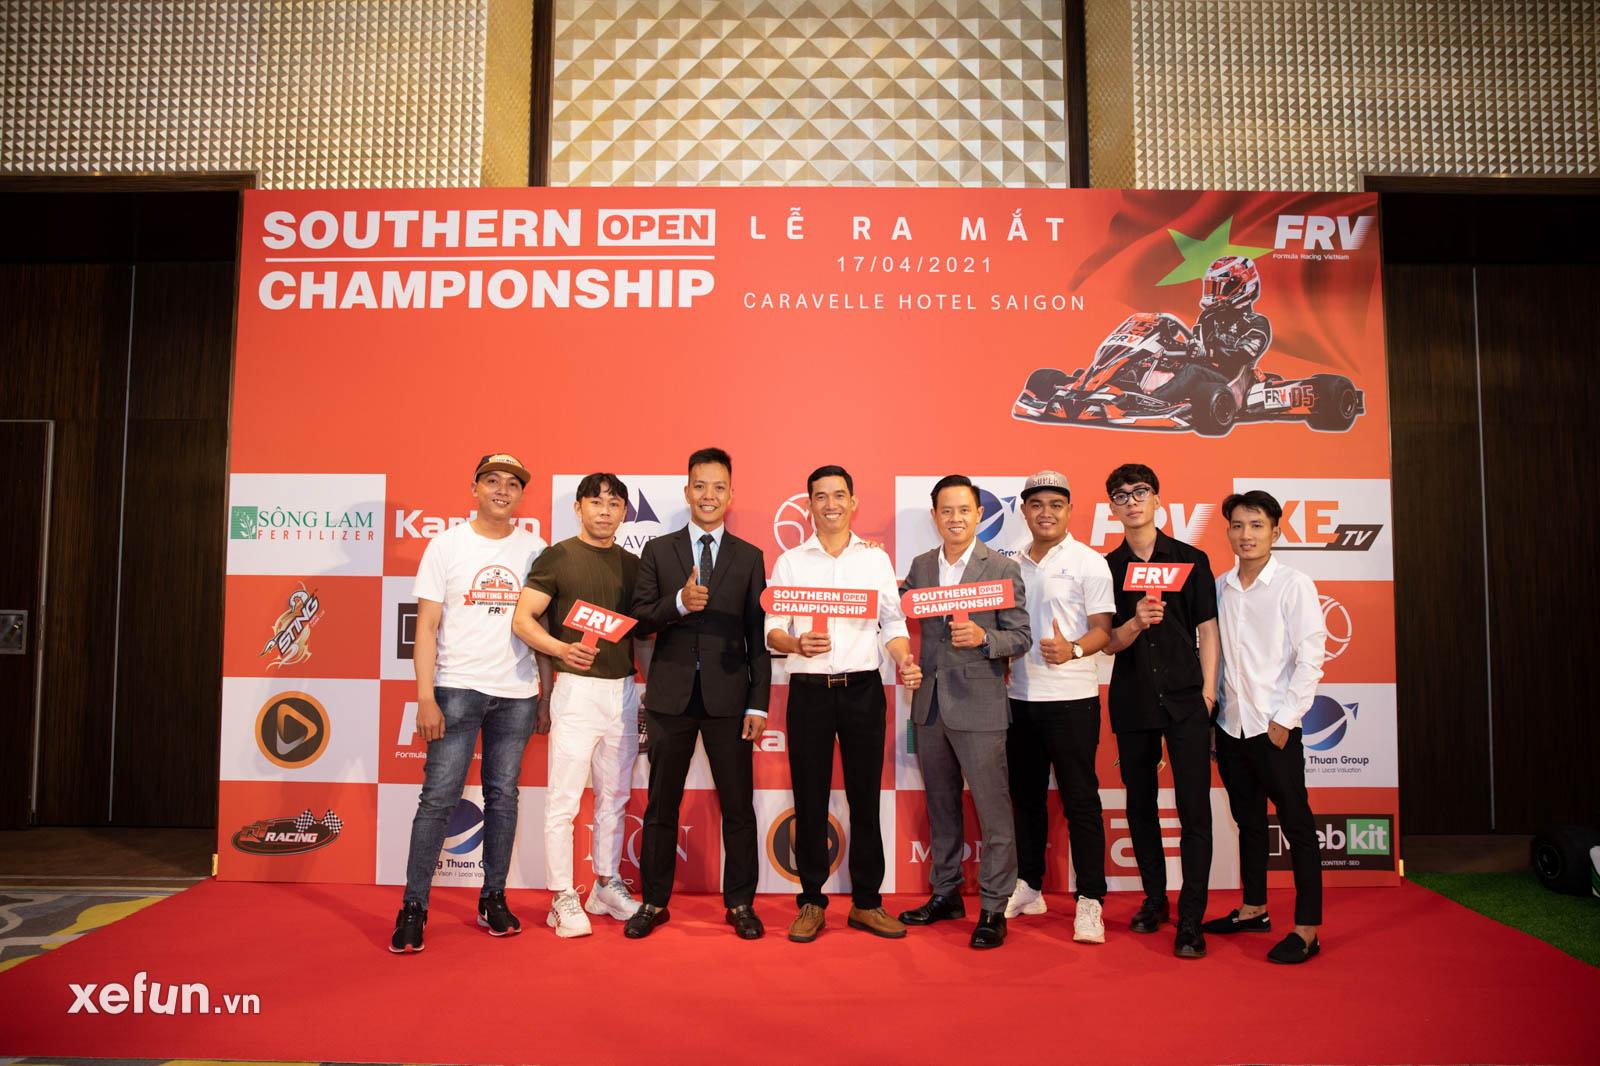 Giải đua Go Kart Southern Open Championship Formula Racing Vietnam trên Xefun (1)7686